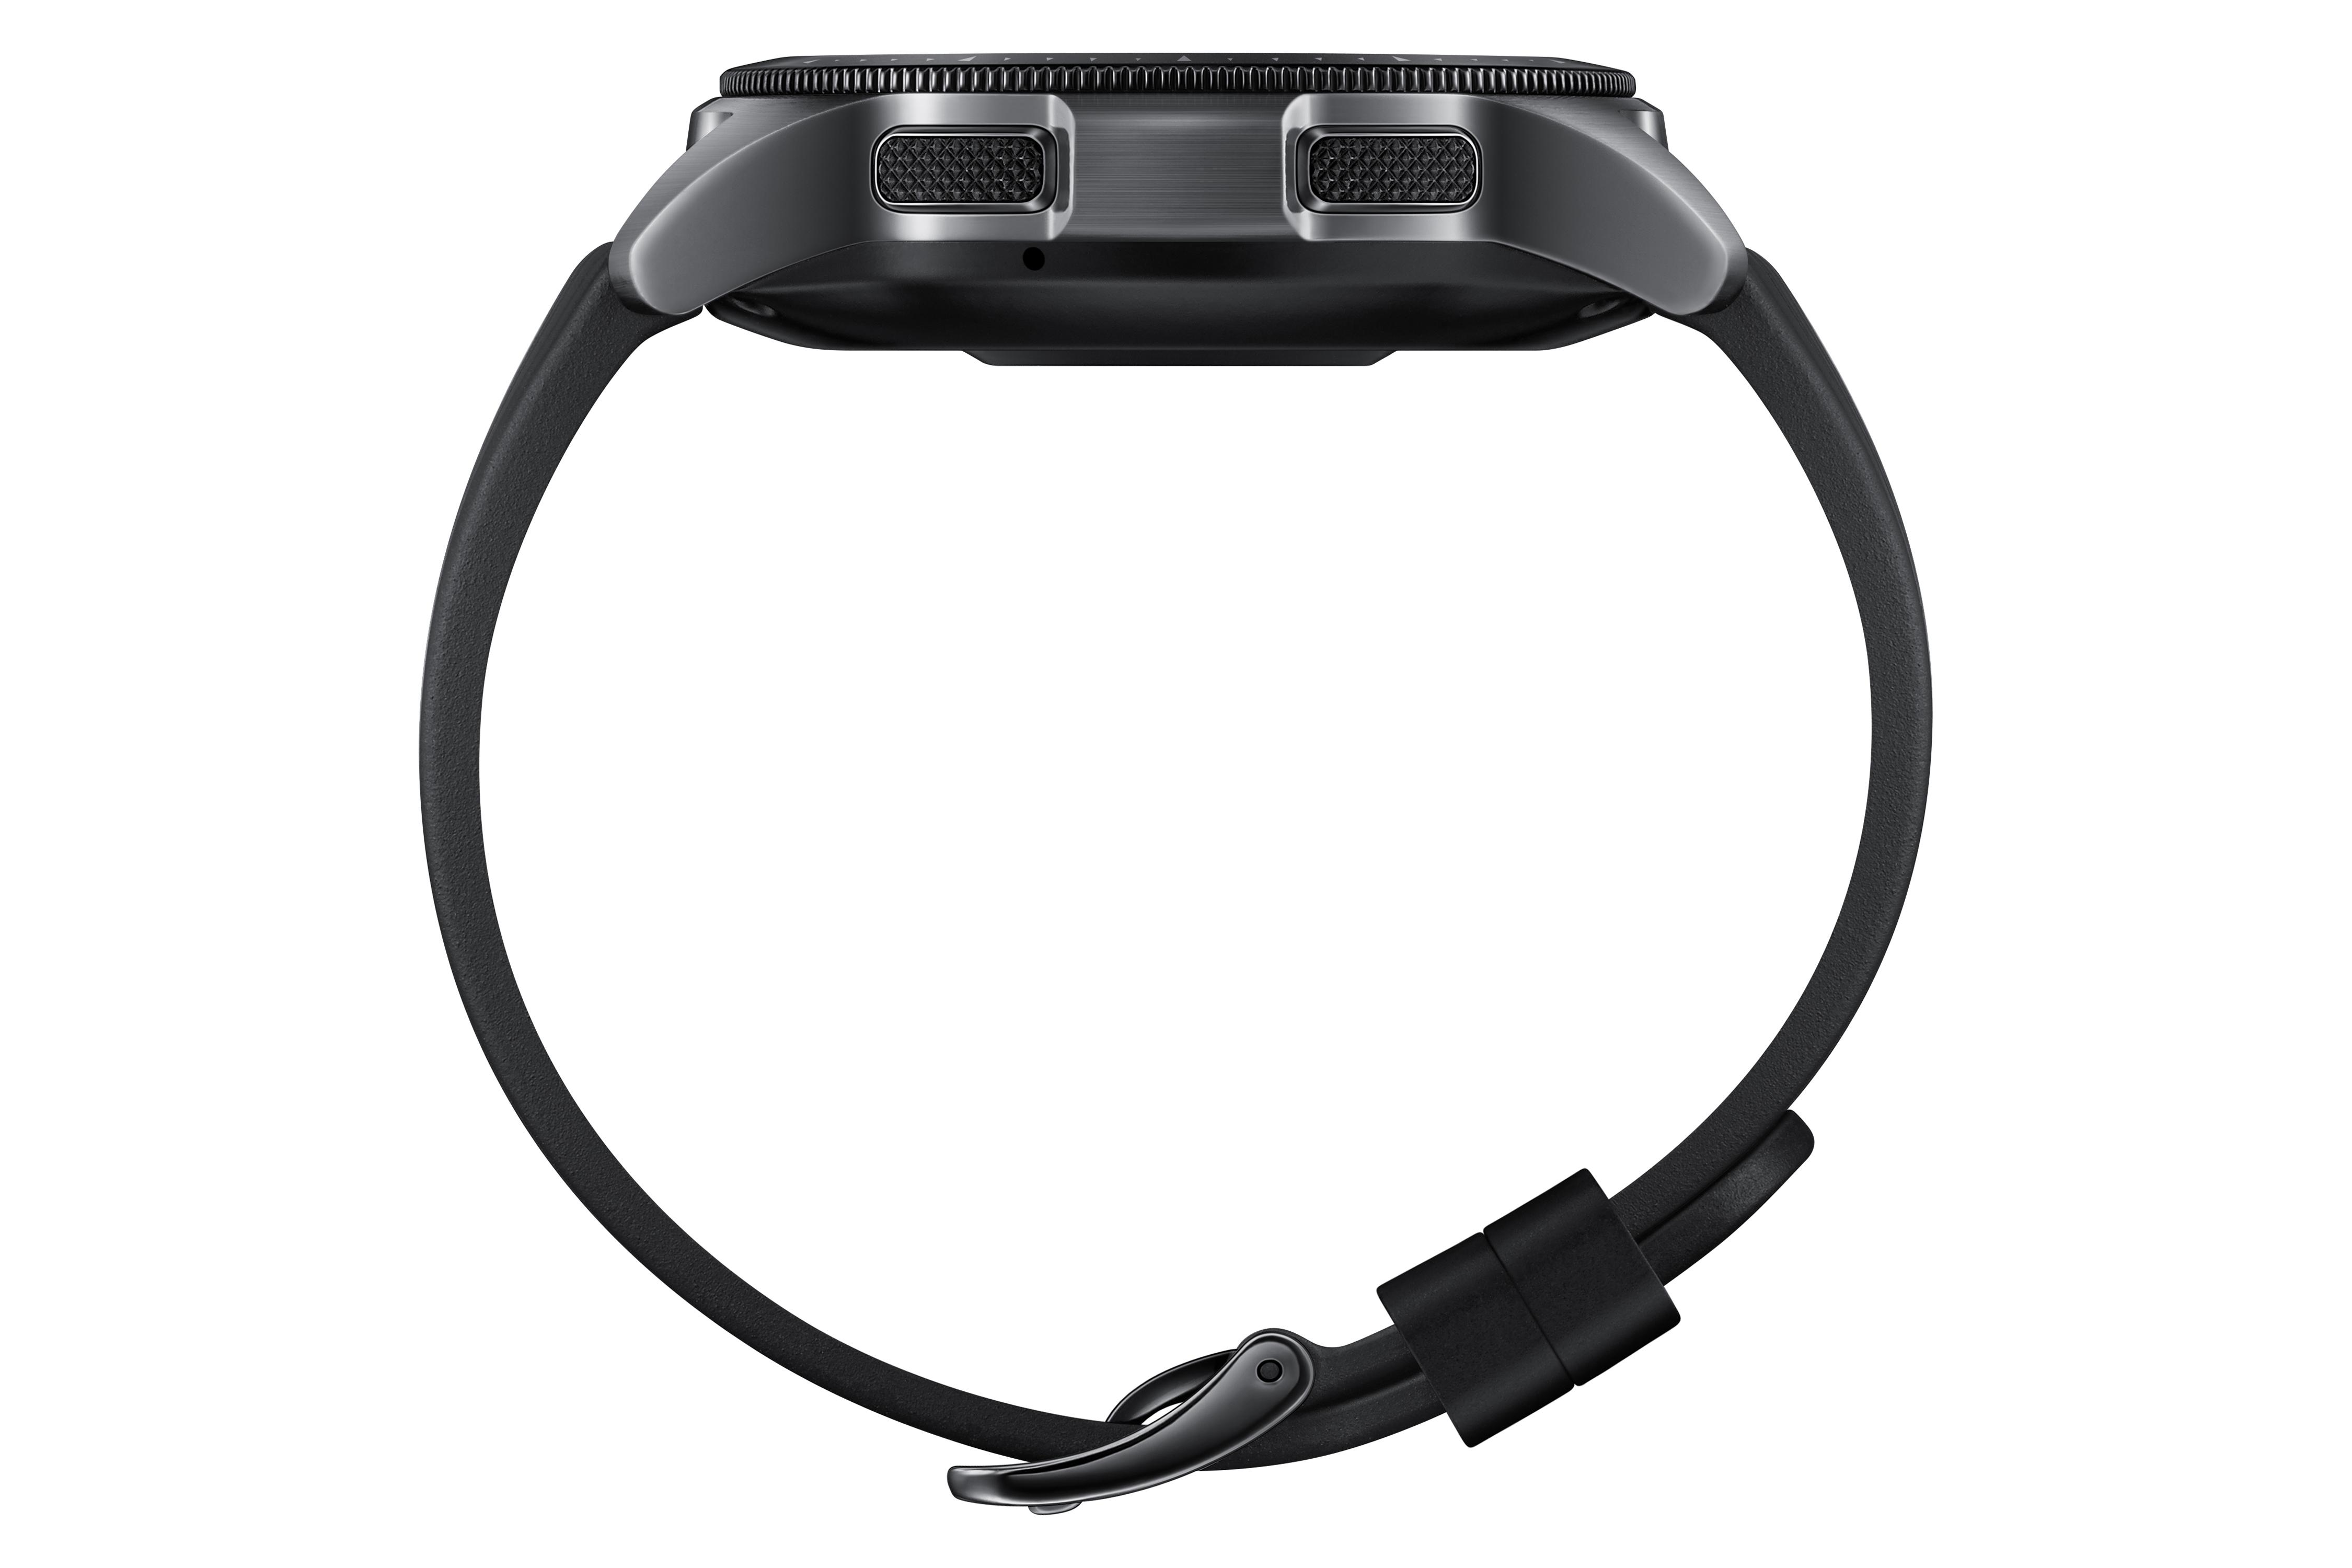 Samsung Galaxy Watch 42mm Black R810 hình 4